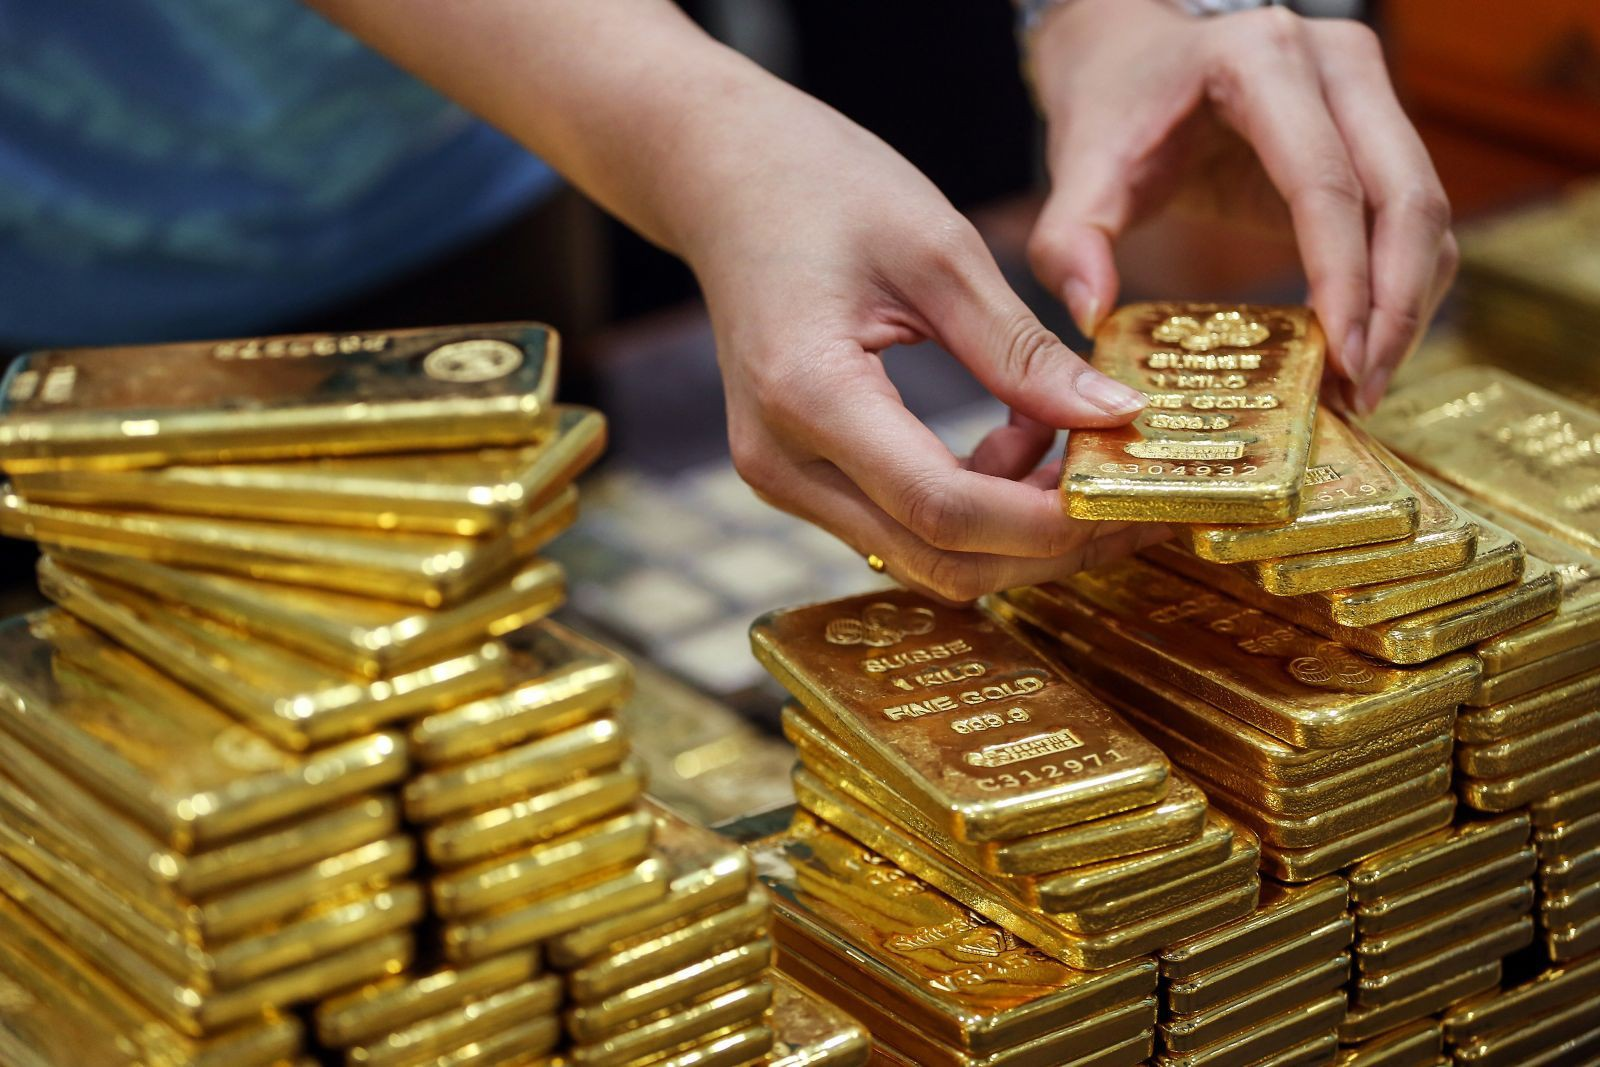 Giá vàng hôm nay 8/6: Tăng tới 200.000 đồng/lượng - Ảnh 2.